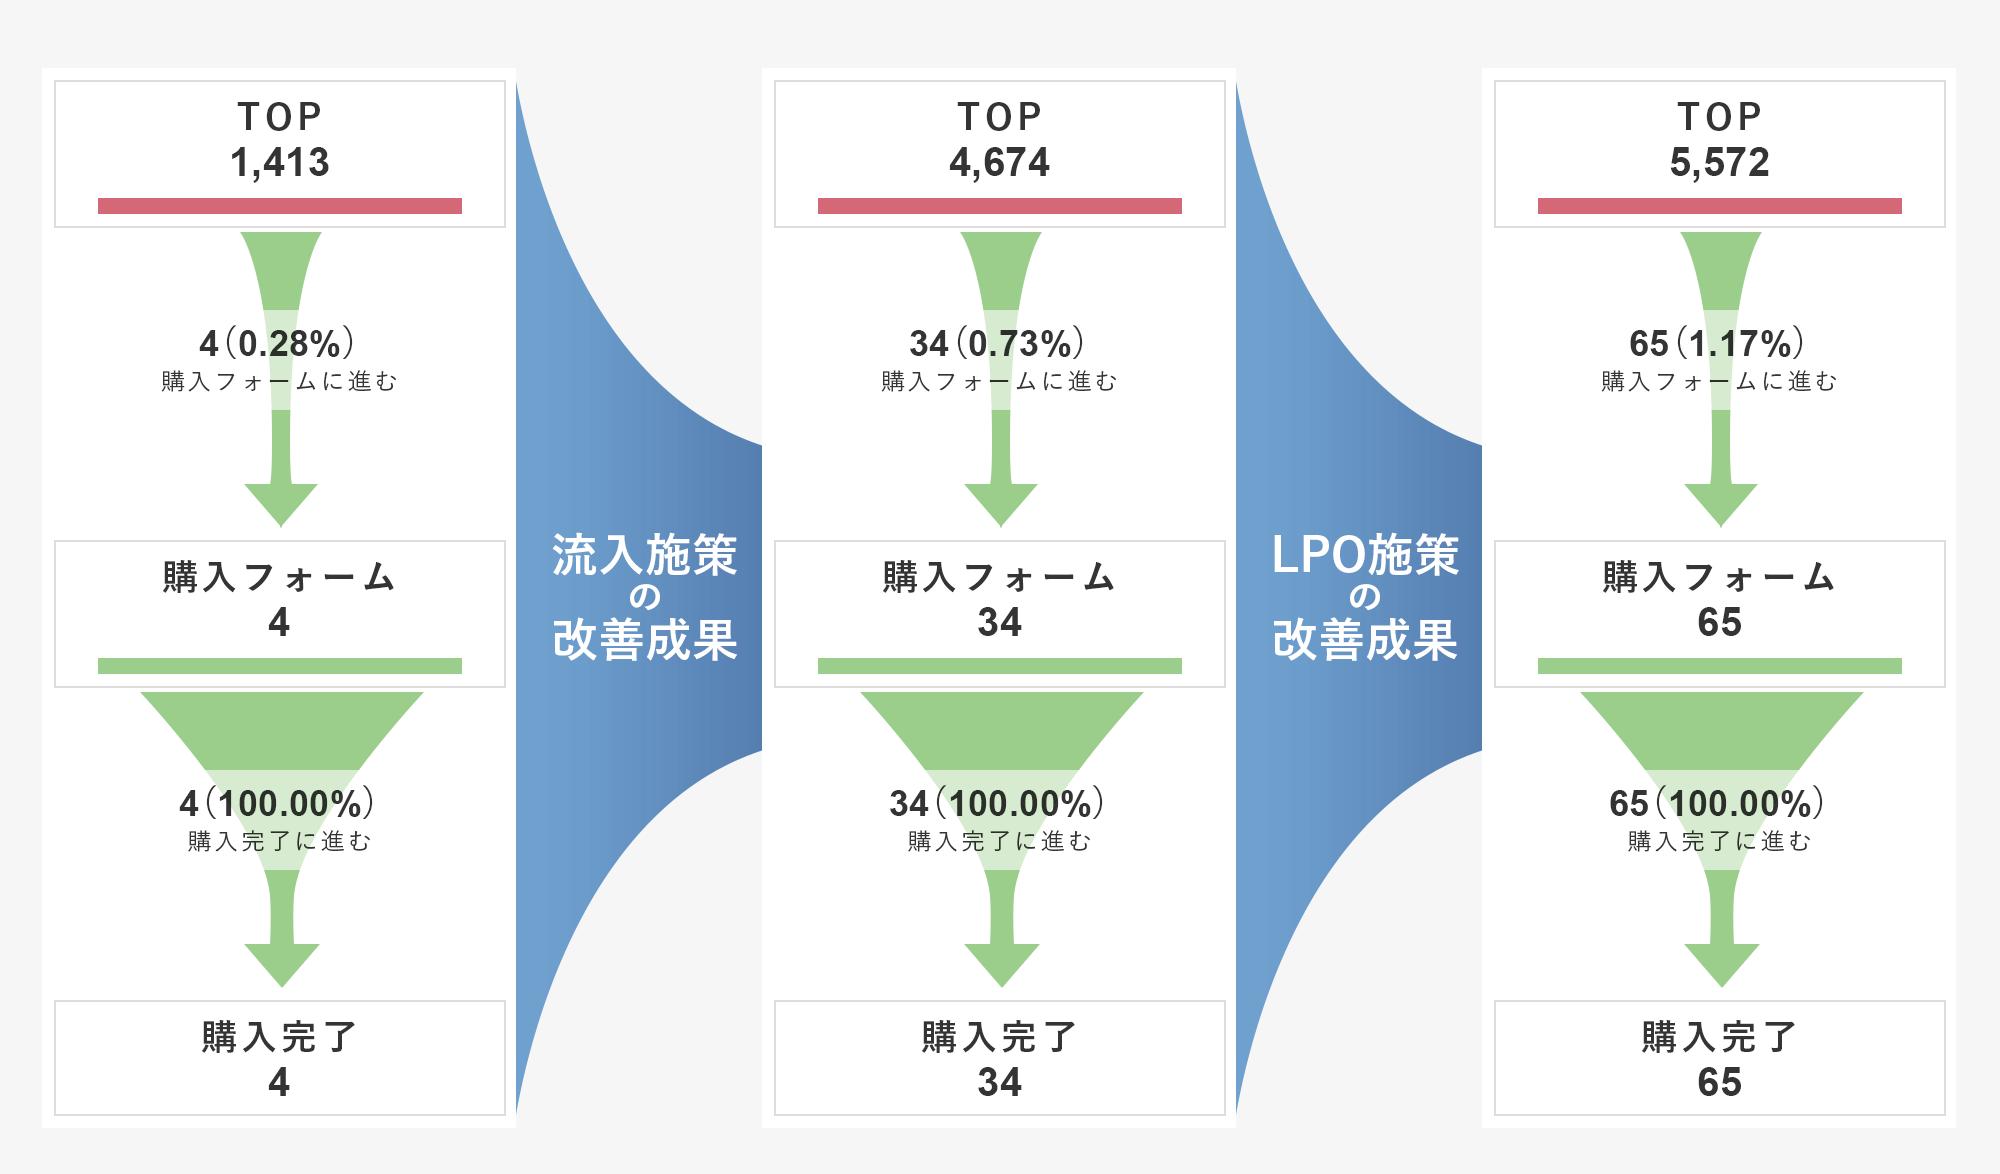 ファネル分析図